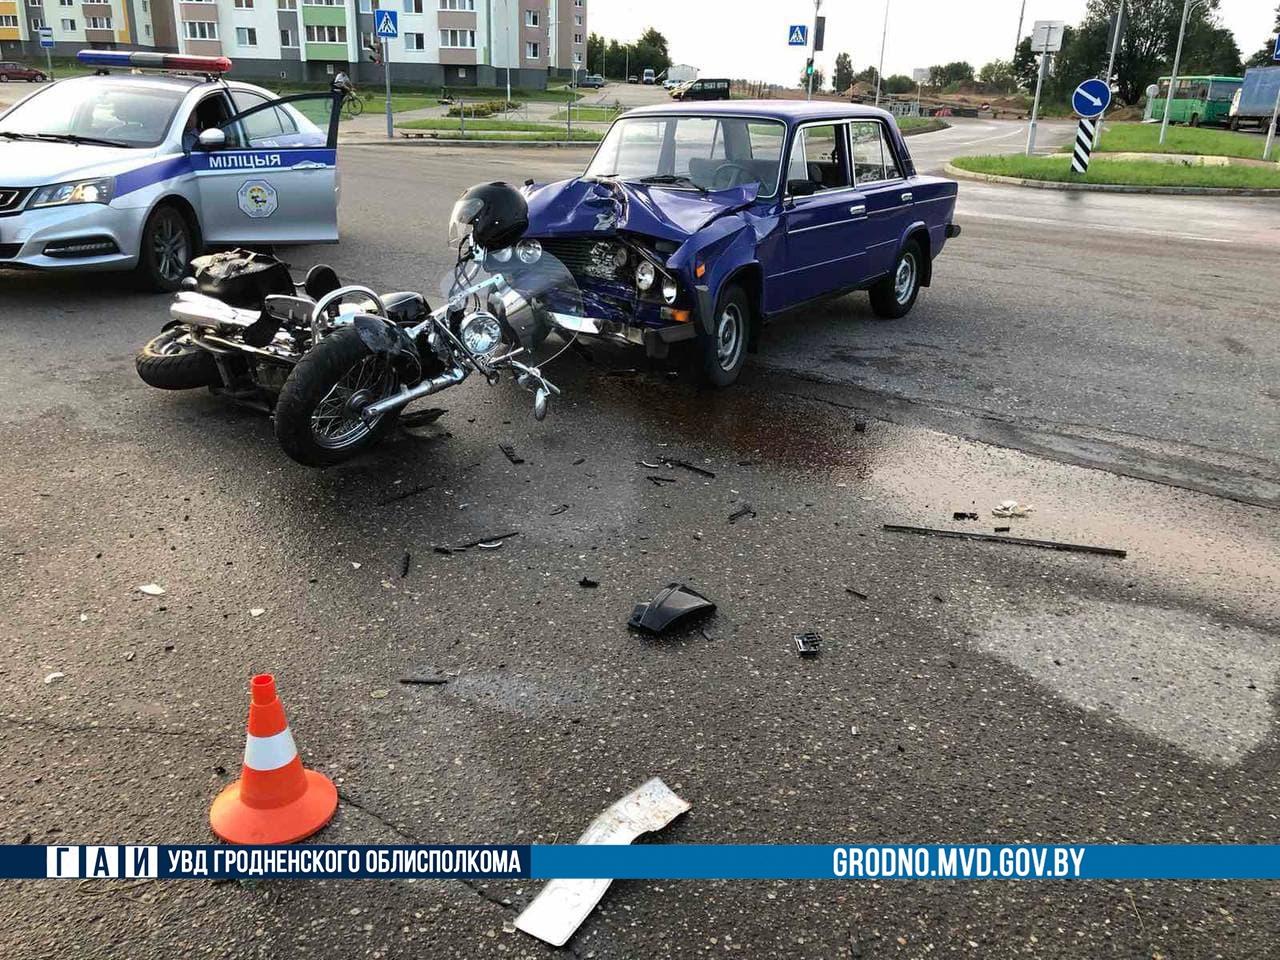 В Лиде мотоциклист столкнулся с автомобилем